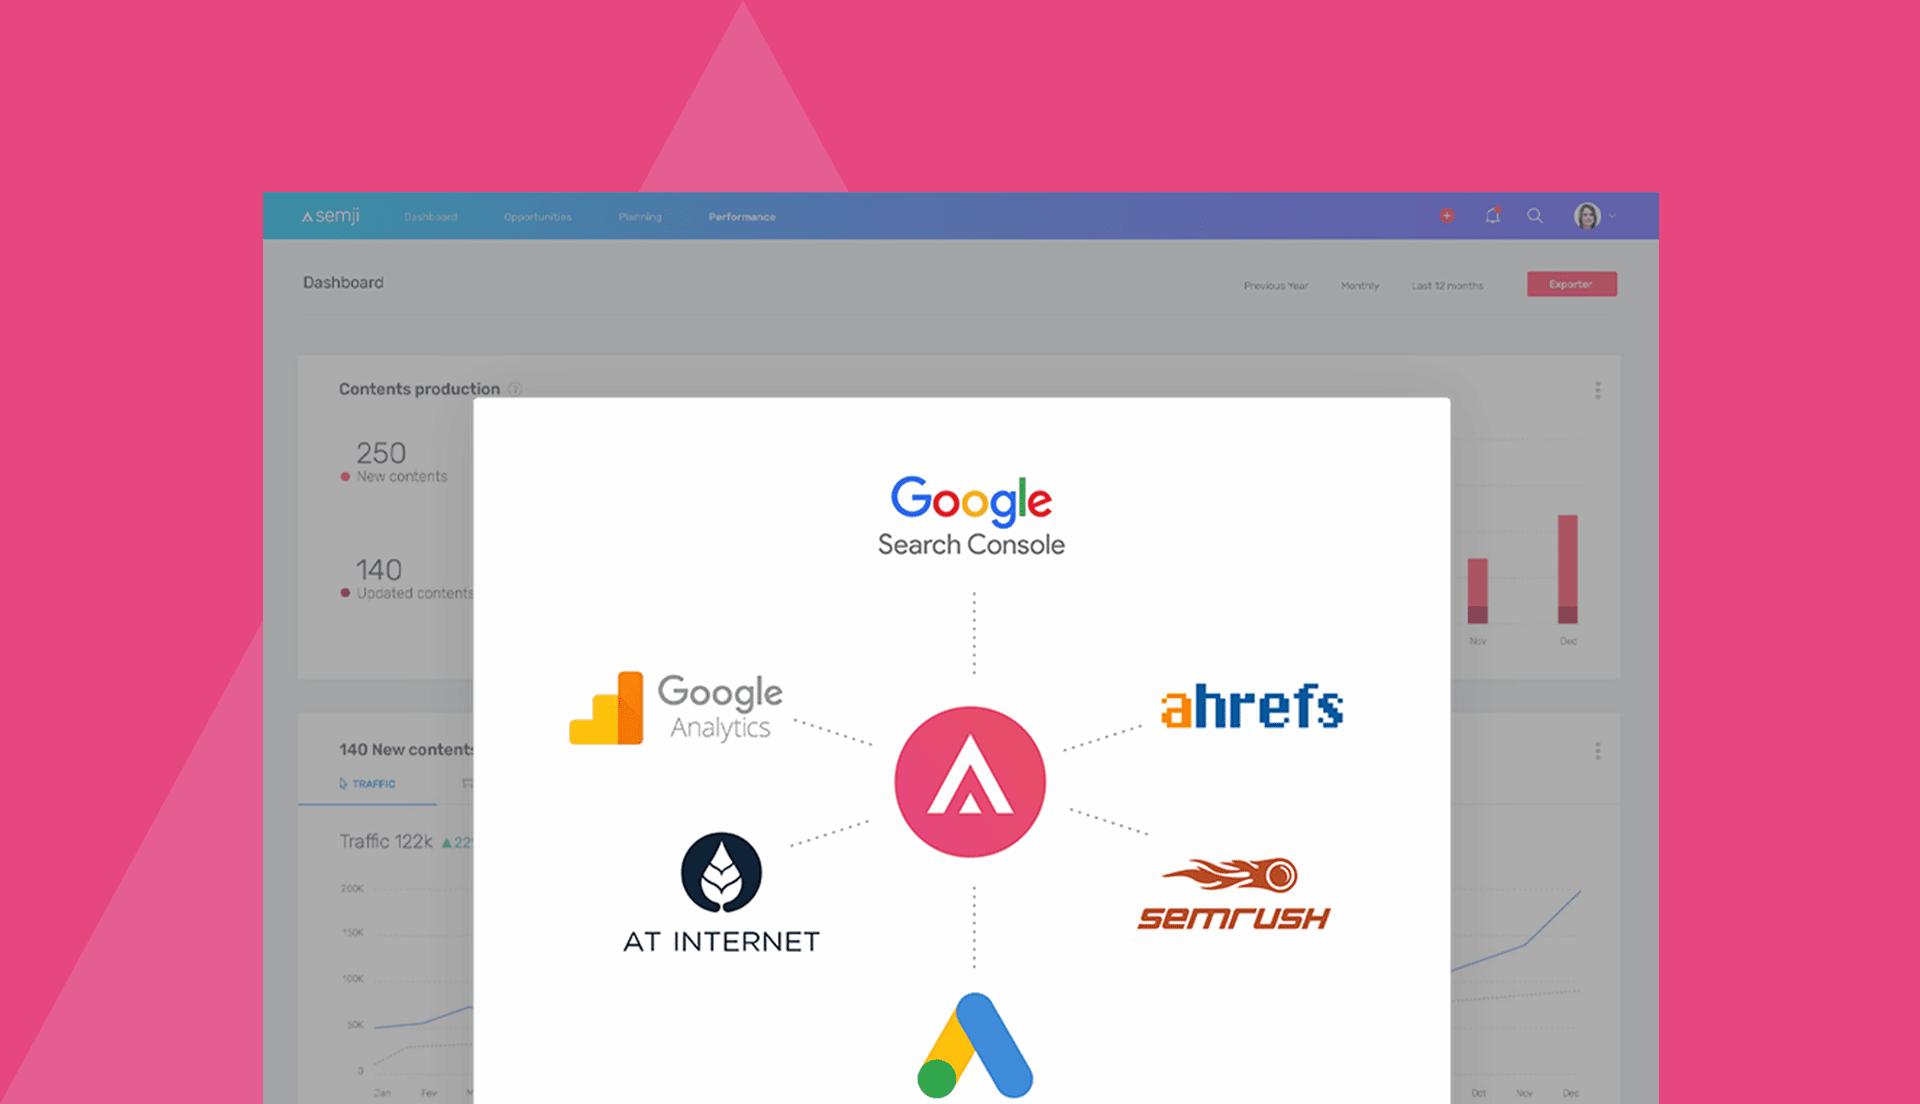 Suivre toutes les performances SEO de vos contenus grâce aux intégrations des données Google Analytics, Search Console et AT Internet